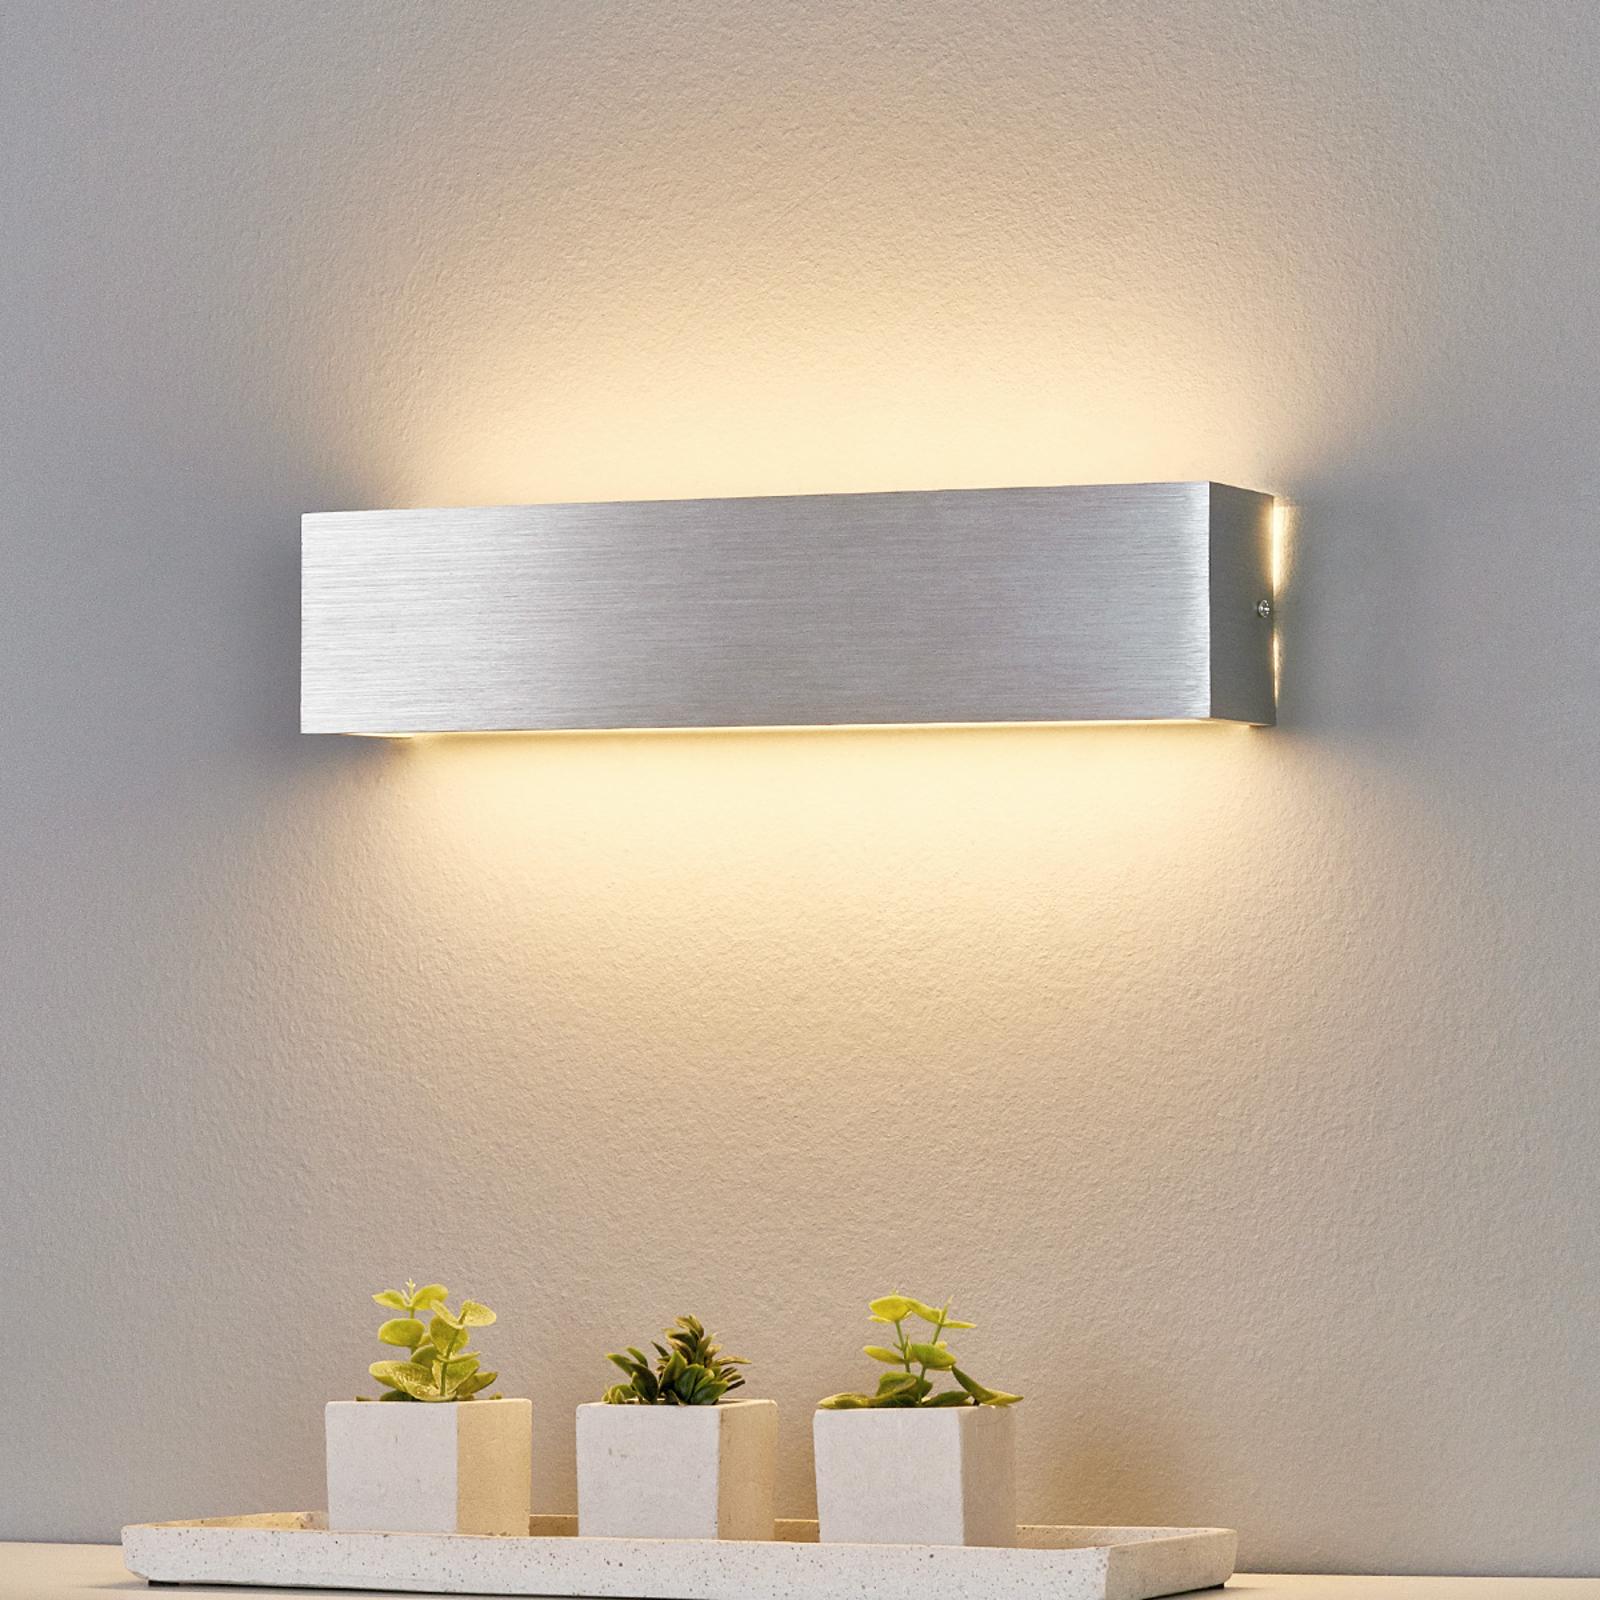 LED nástěnné světlo Ranik, barva hliník